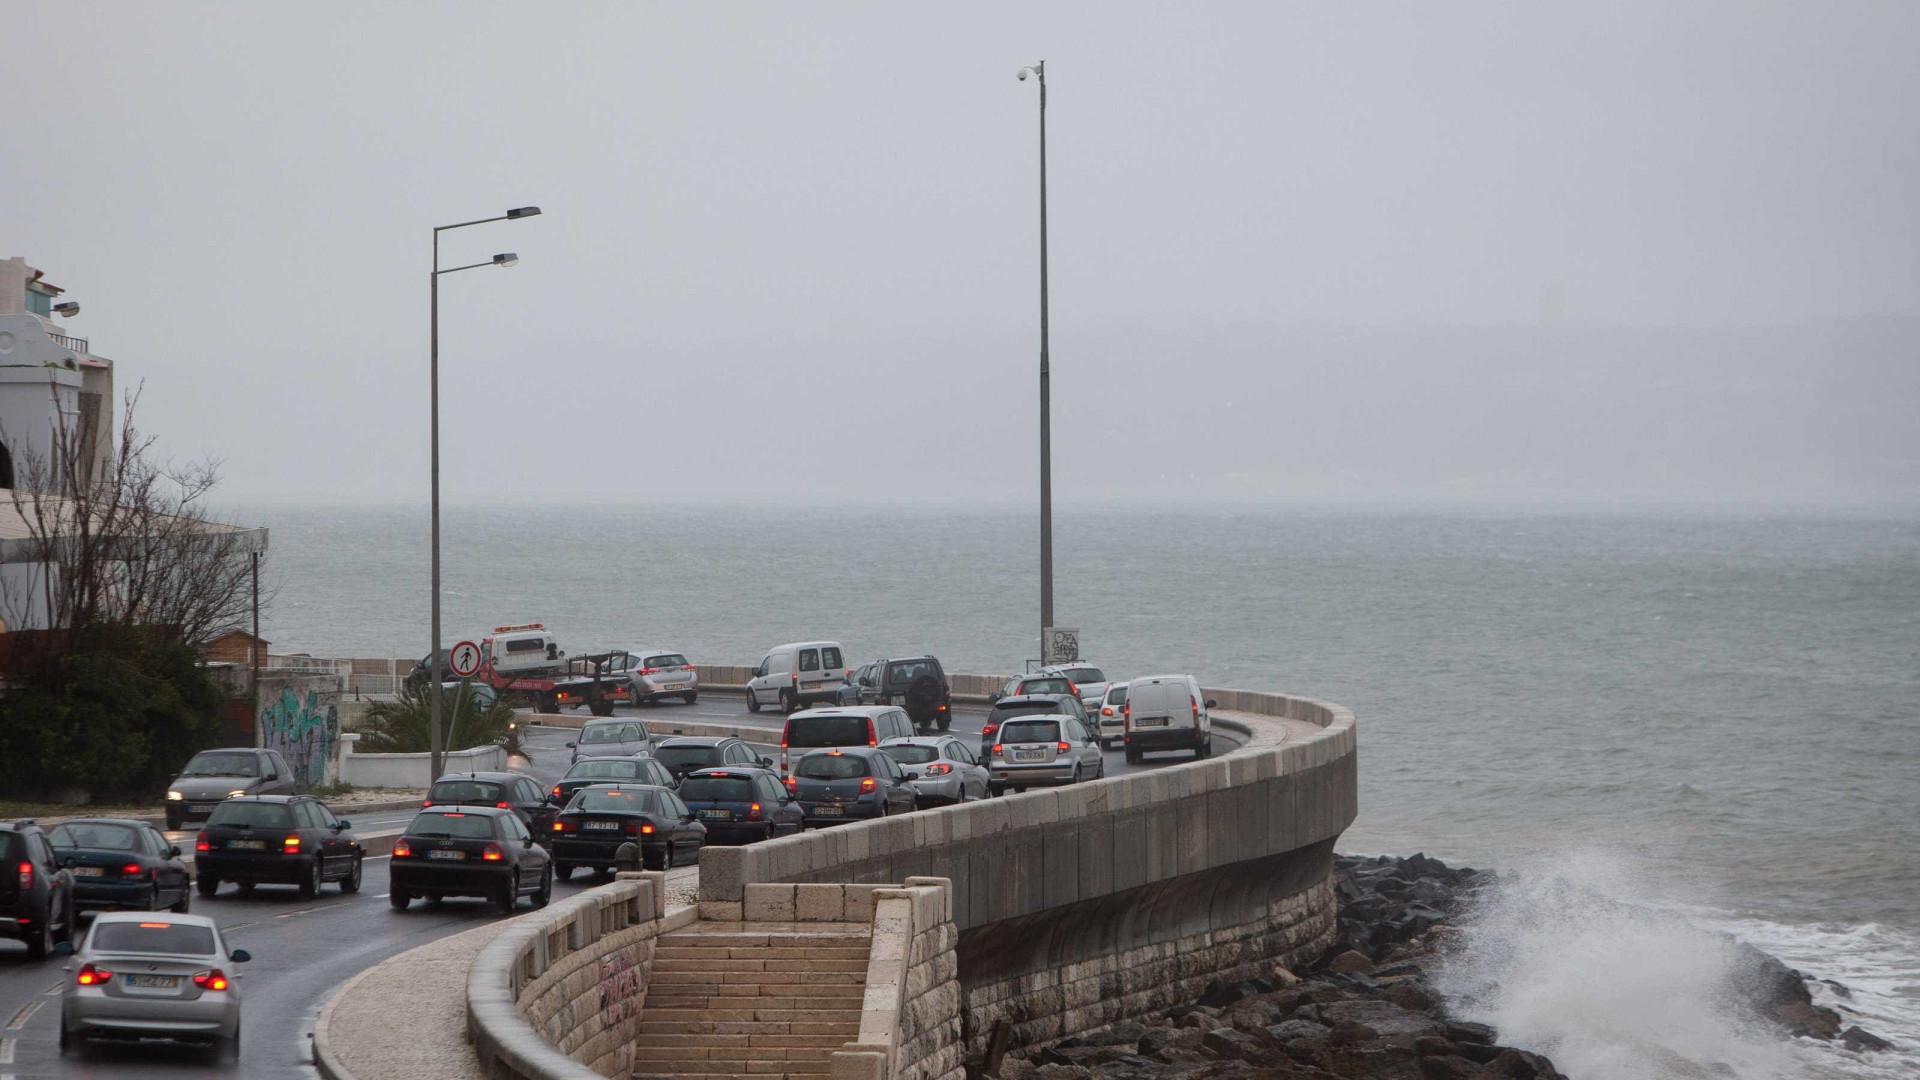 Avenida Marginal fechada ao trânsito automóvel no domingo